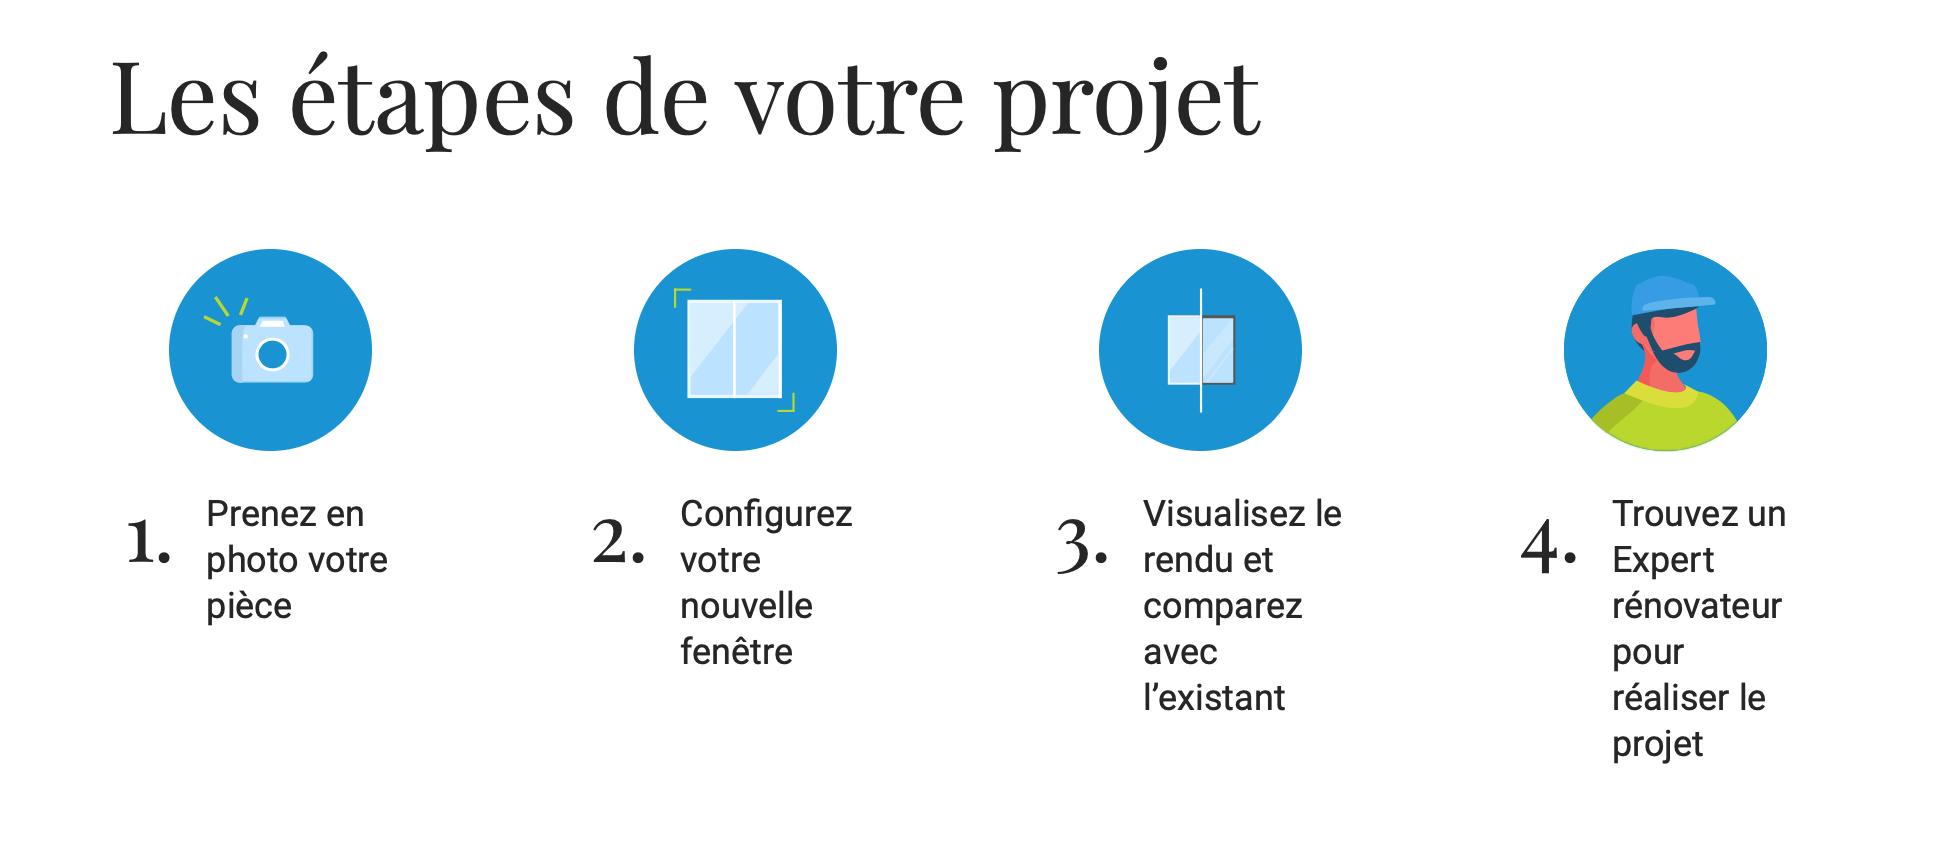 Les étapes de votre projet